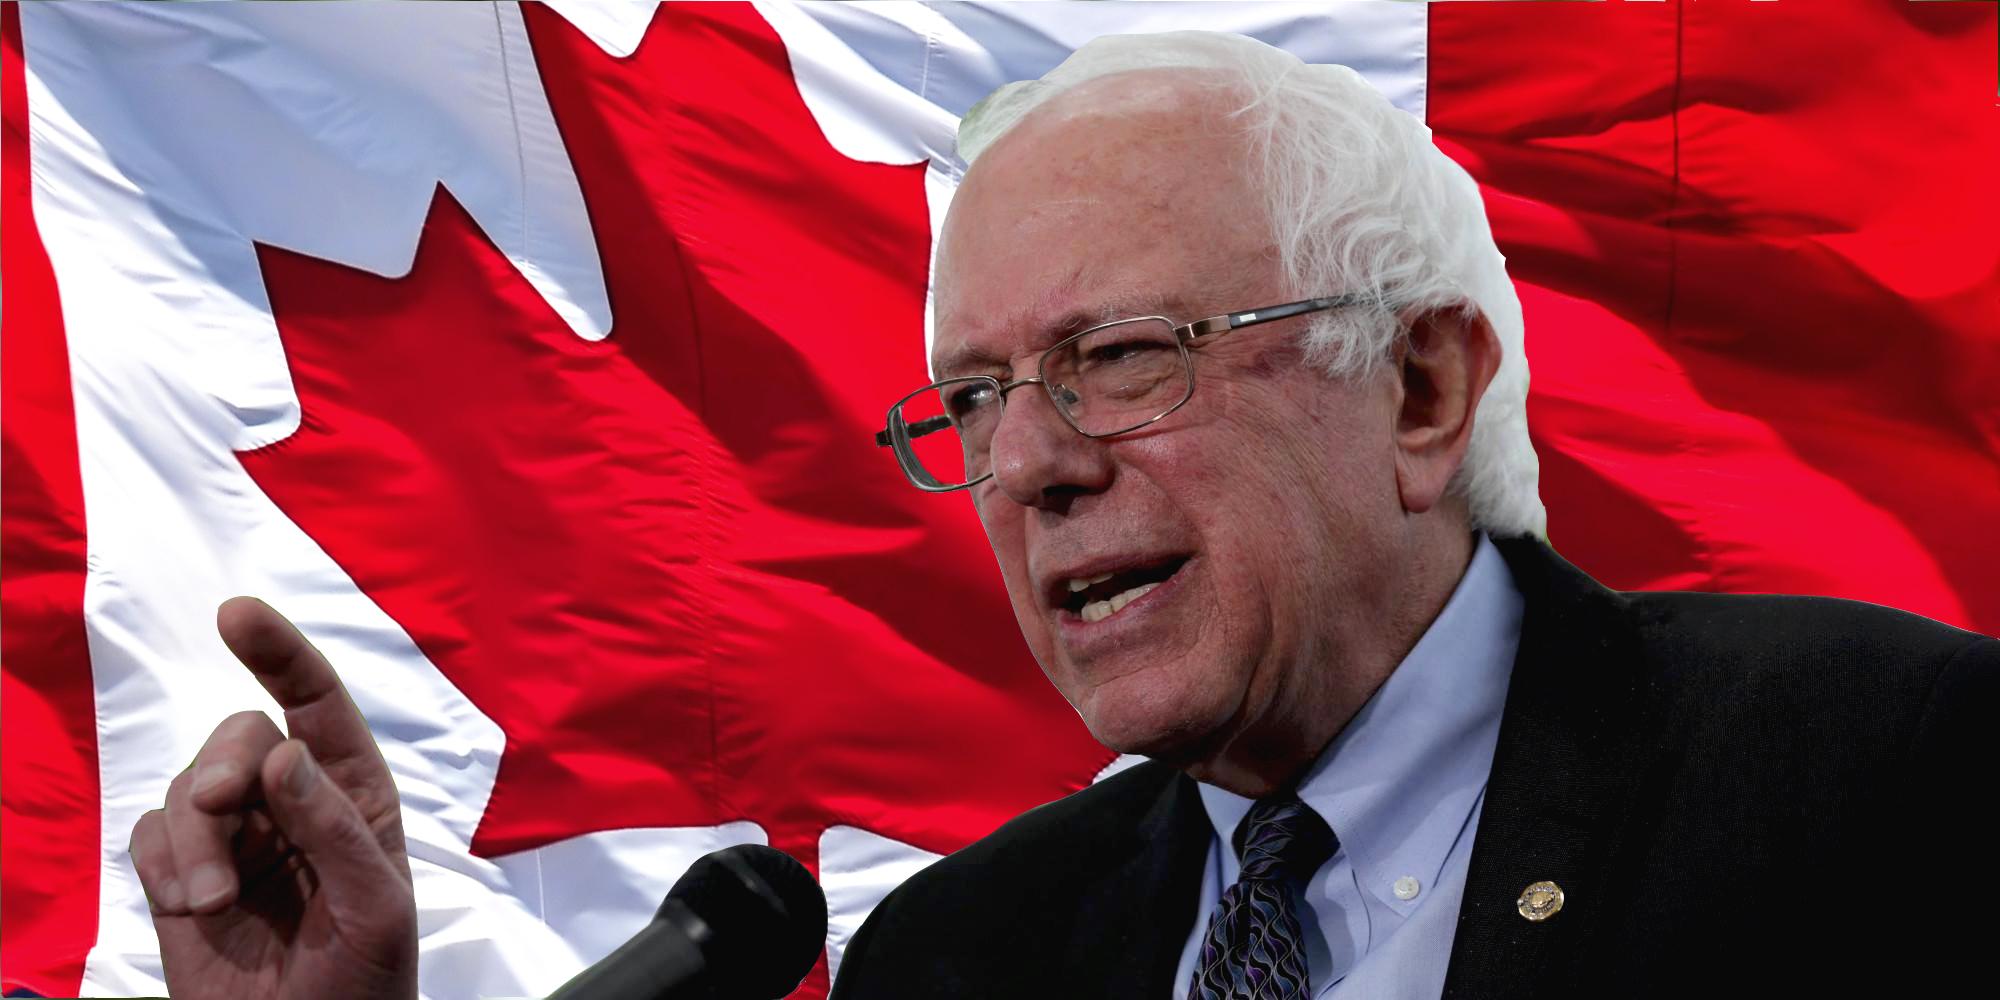 Canadian Bernie Sanders